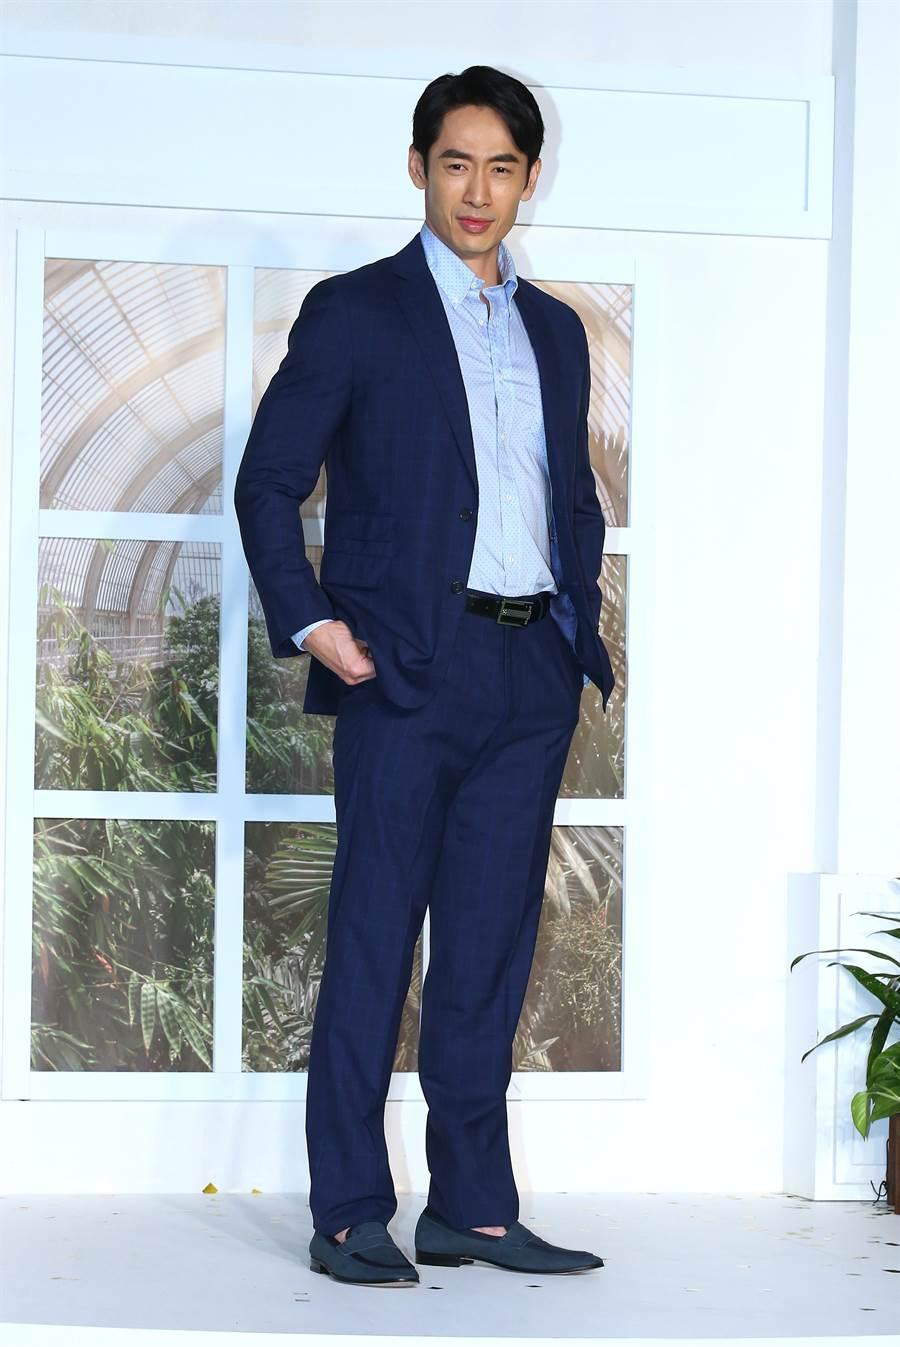 路斯明因父親傳承S.T. Dupont,對品牌有很深的情感,穿Brooks Brothers帥氣有型。(粘耿豪攝)